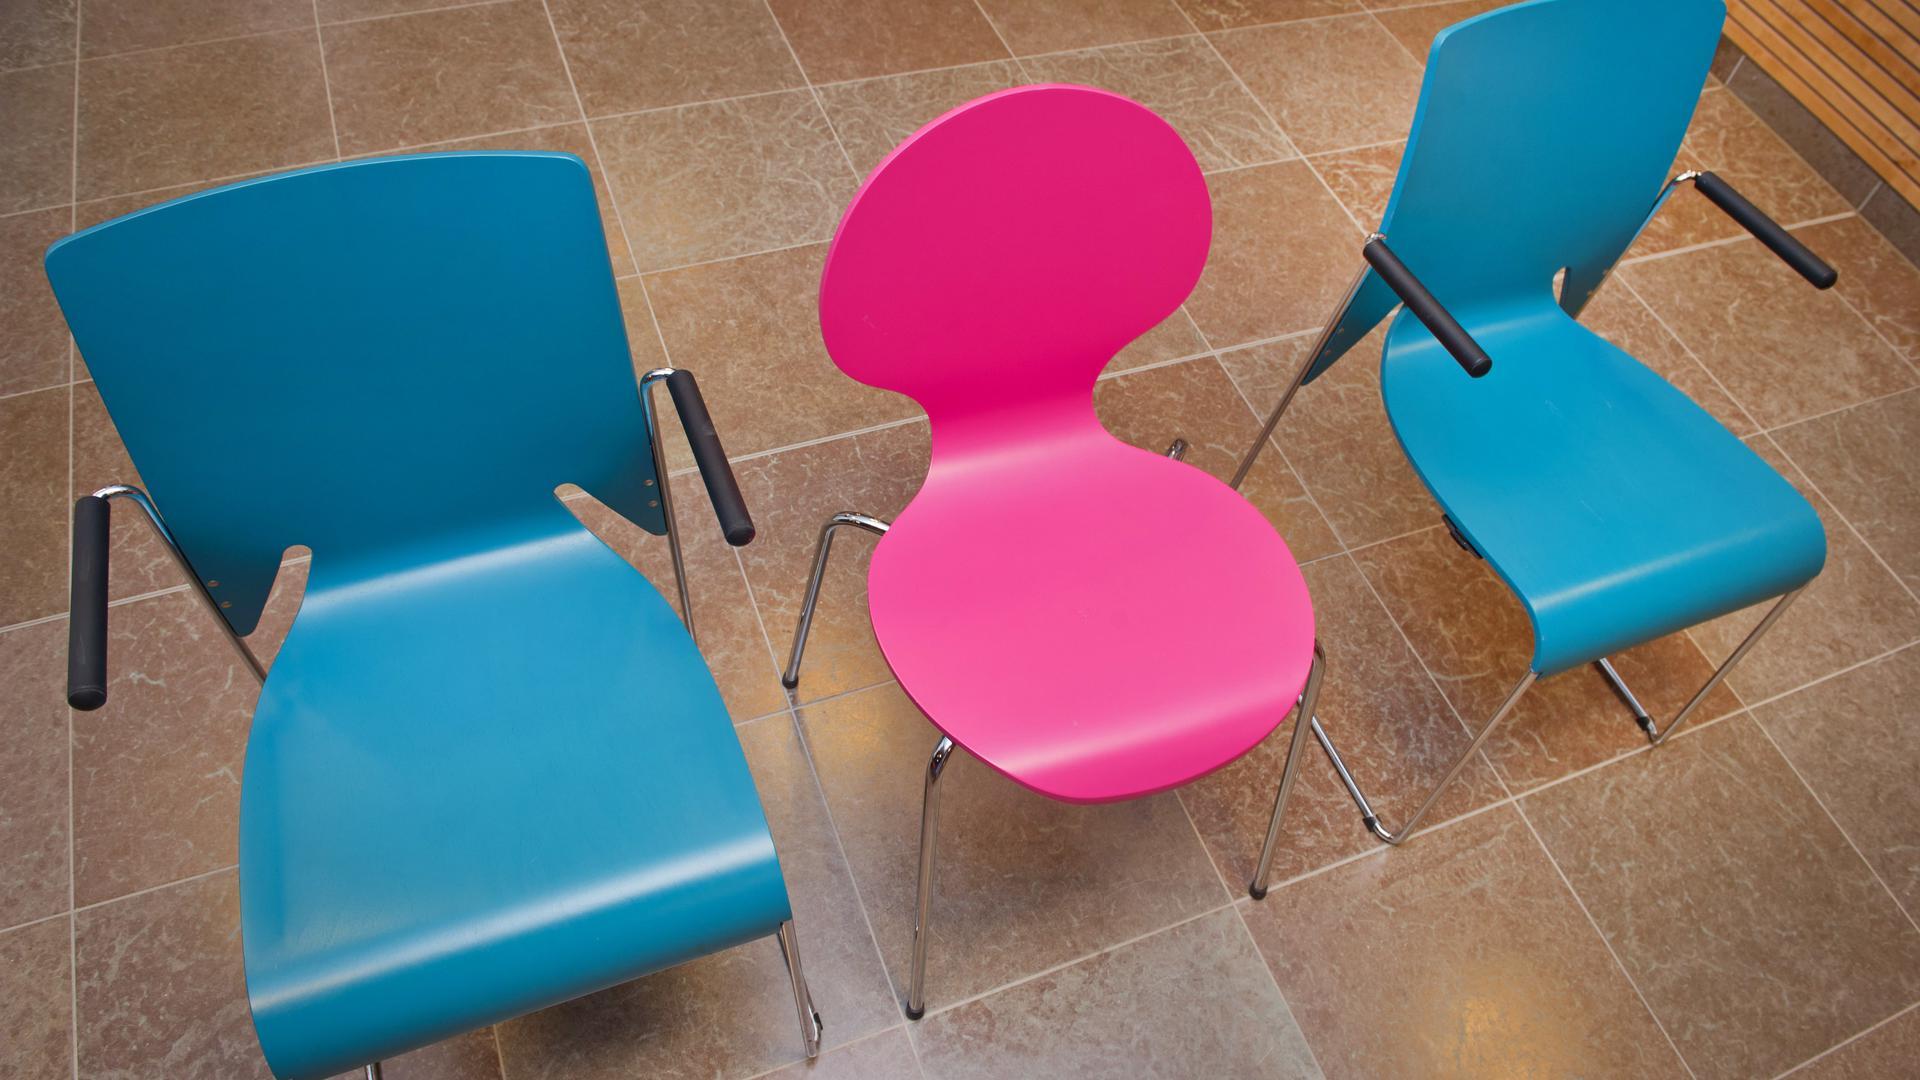 Stühle in unterschiedlicher Form und Farbe stehen in einem Konferenzraum.